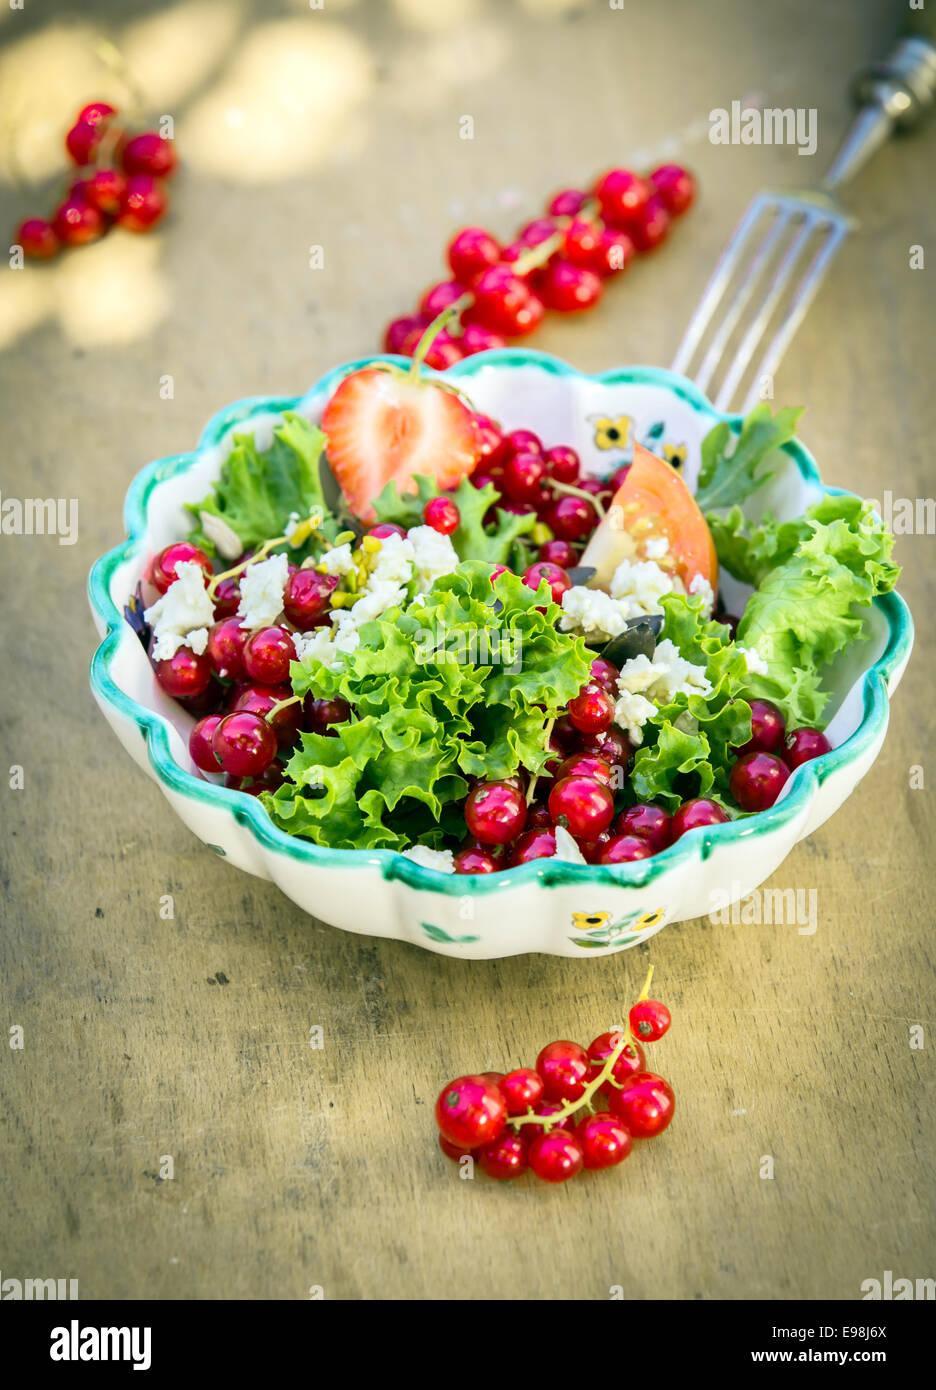 Salade d'été frais appétissant dans un bol sur fond de bois. Bon pour les végétariens. Photo Stock